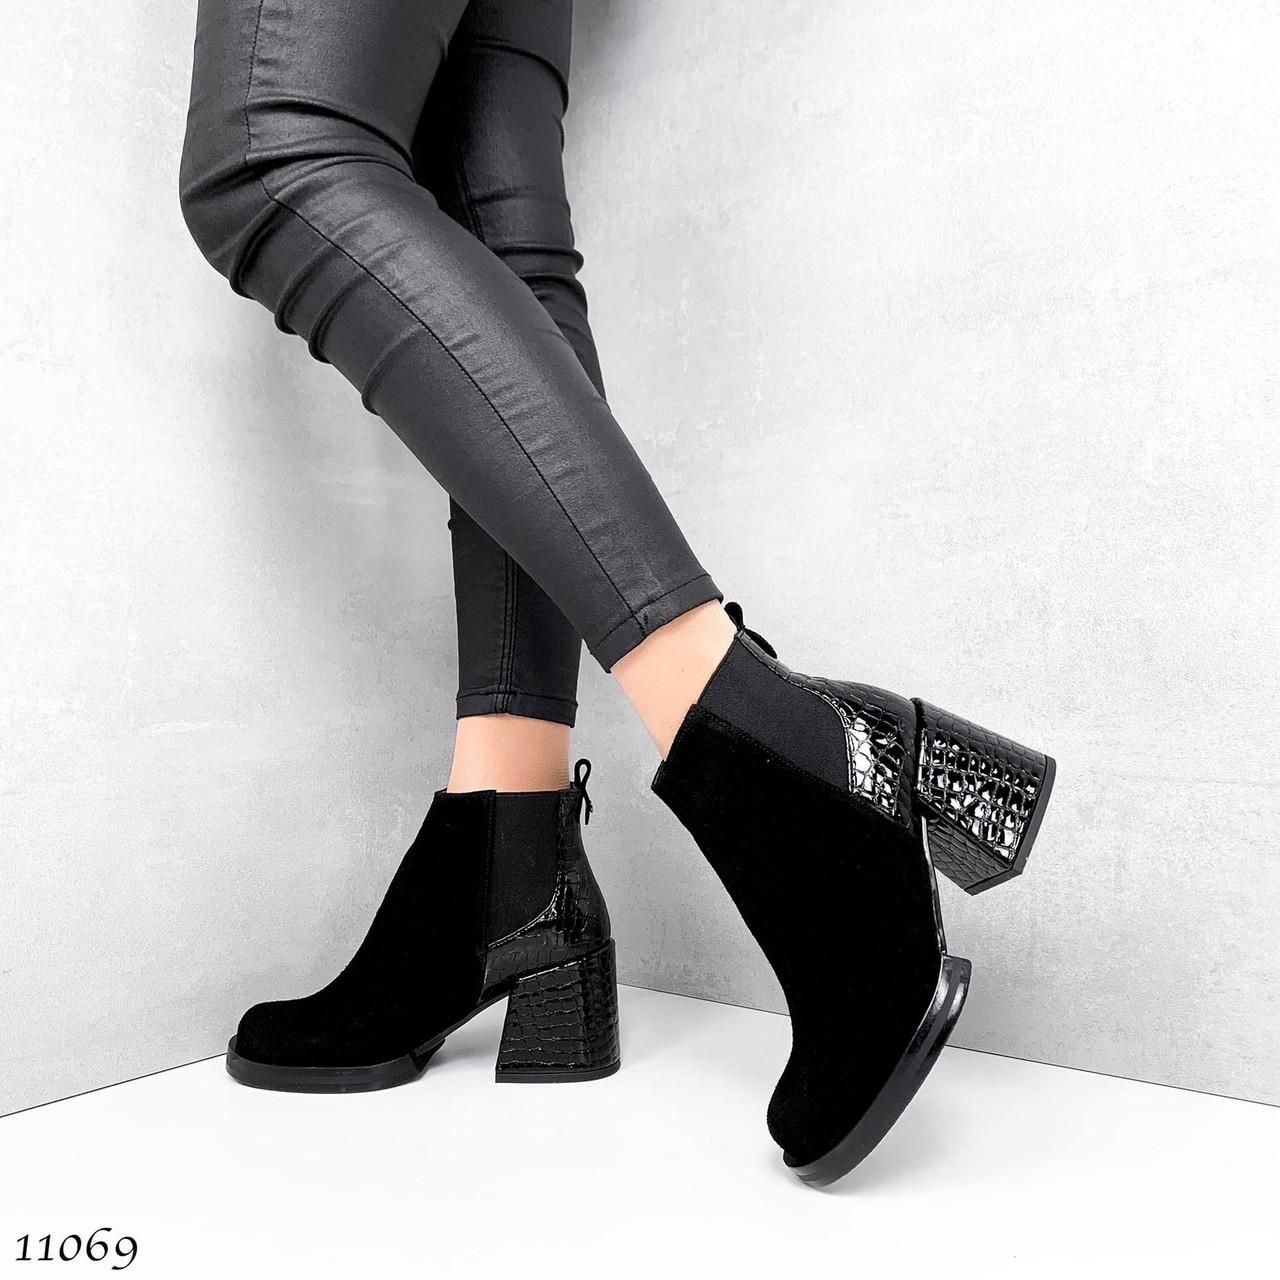 Оригинальные ботинки 11069 (ЯМ)